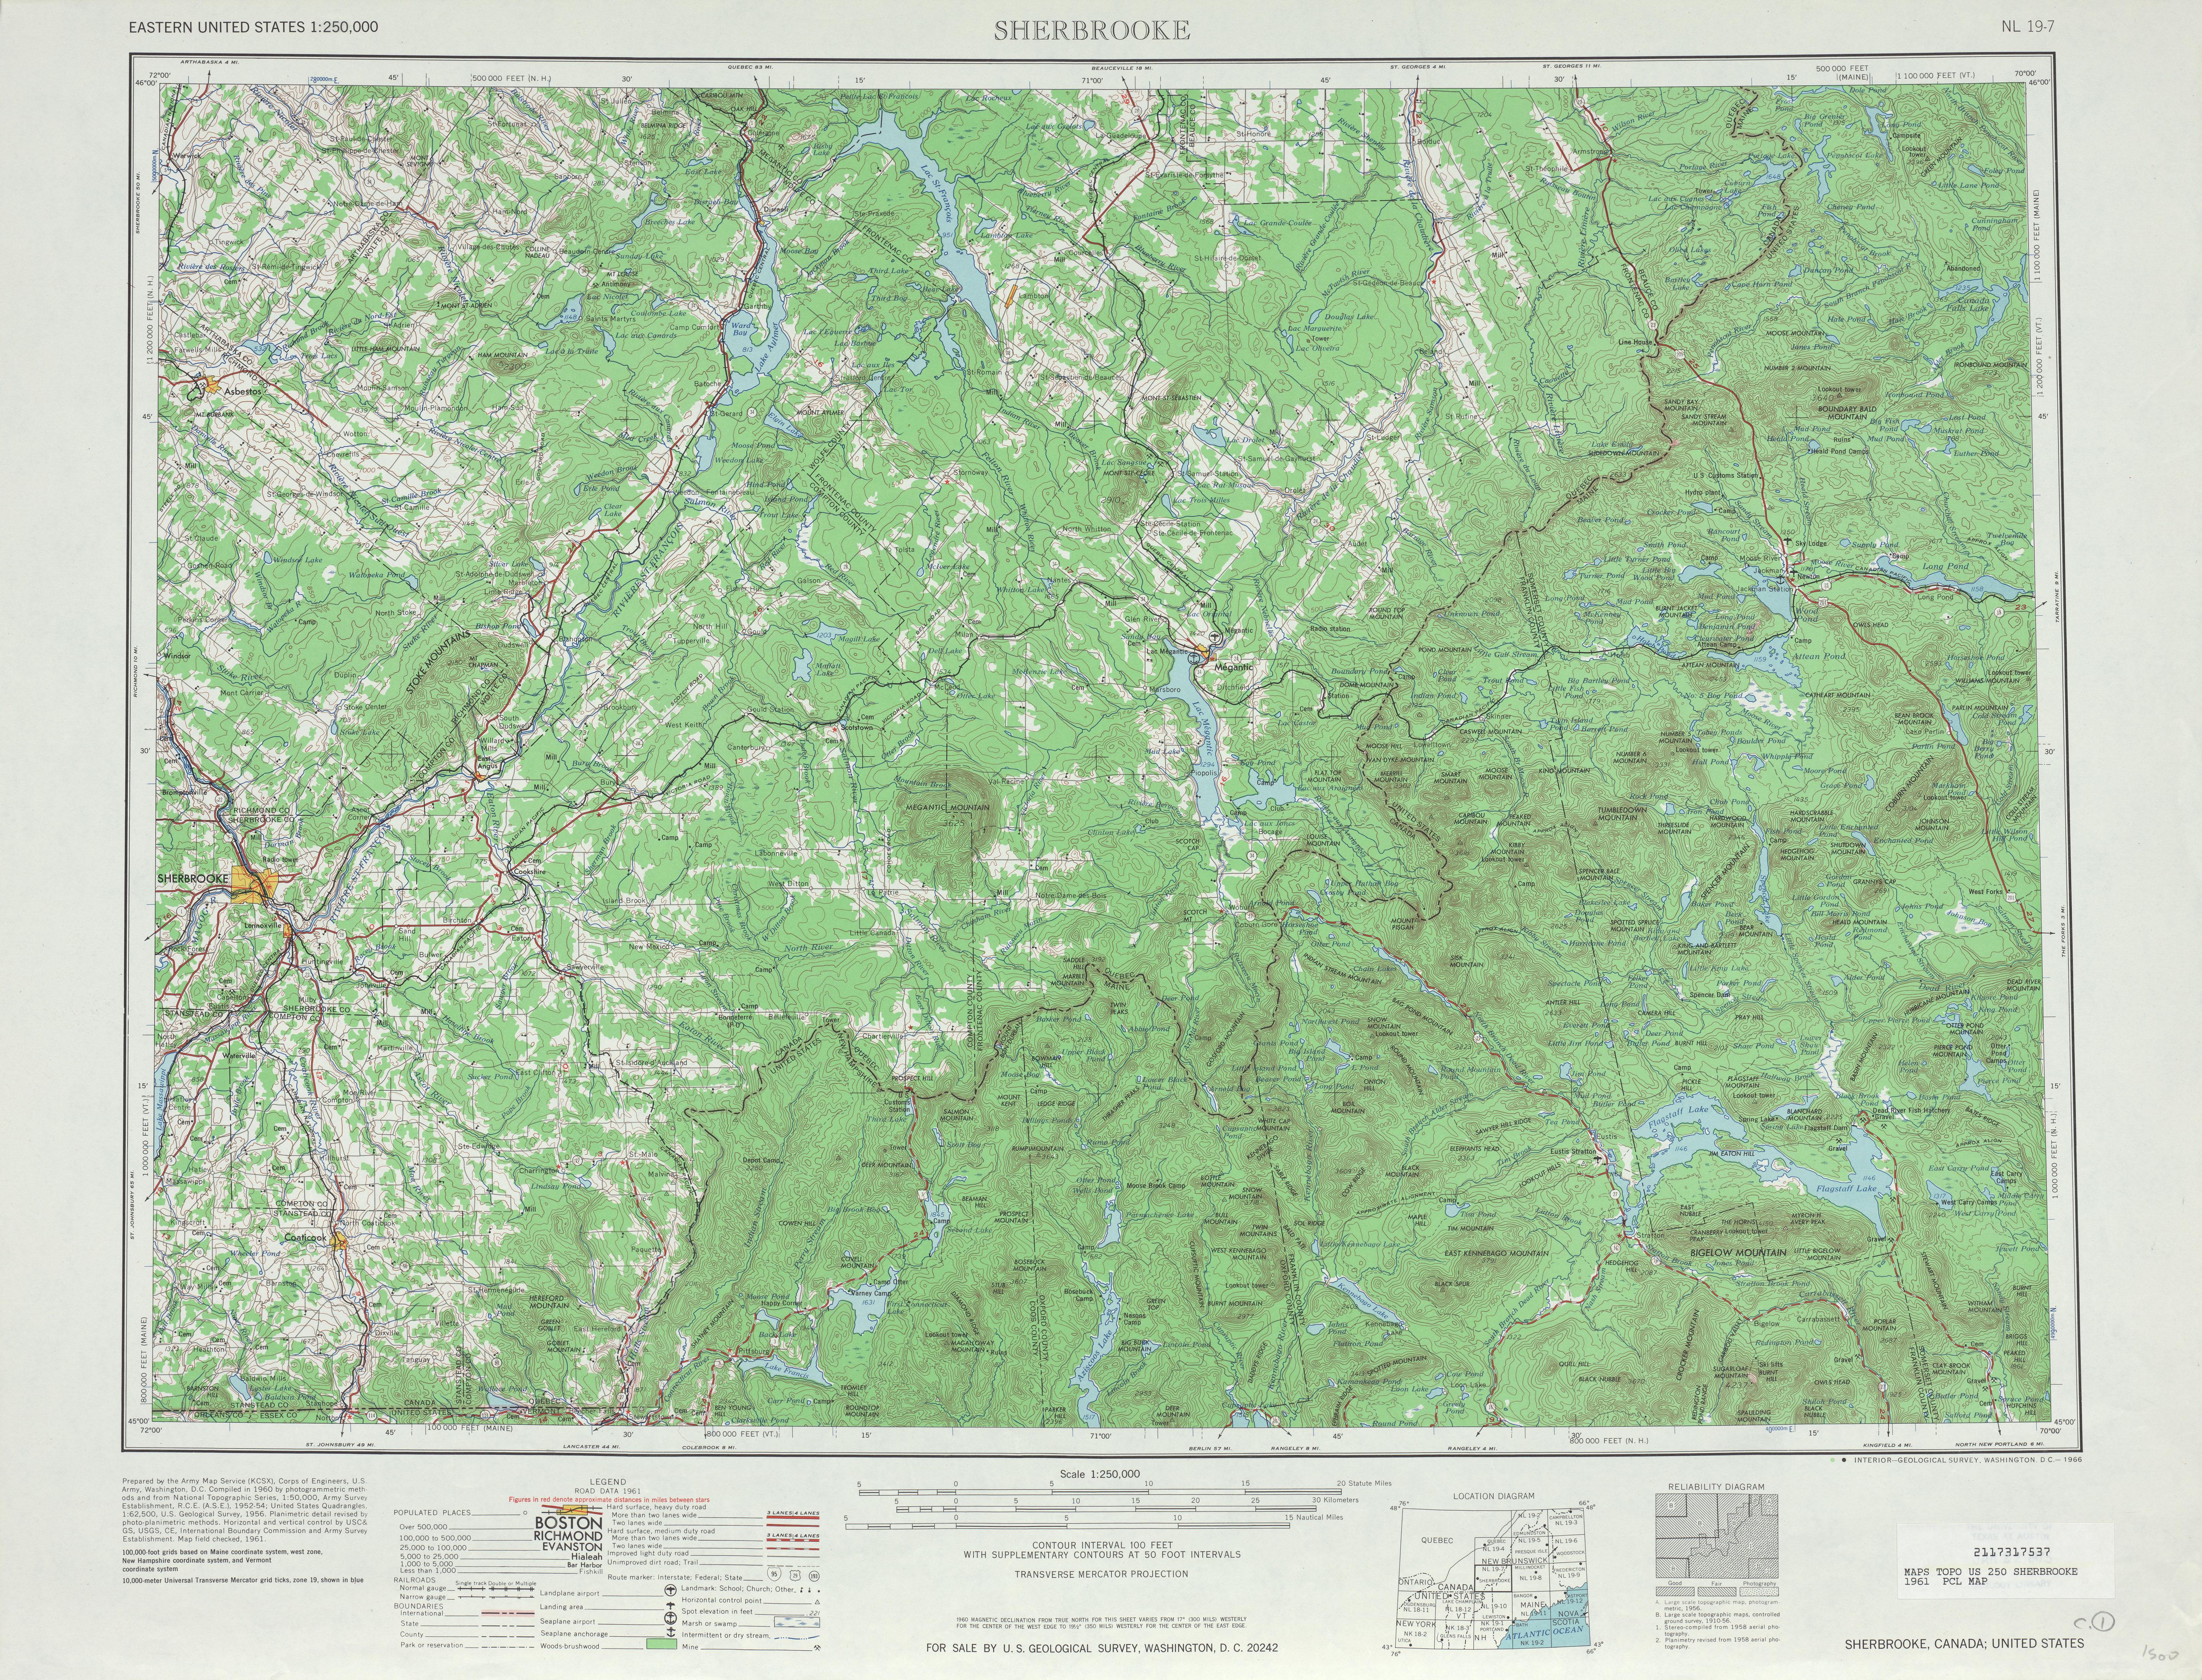 Hoja Sherbrooke del Mapa Topográfico de los Estados Unidos 1961